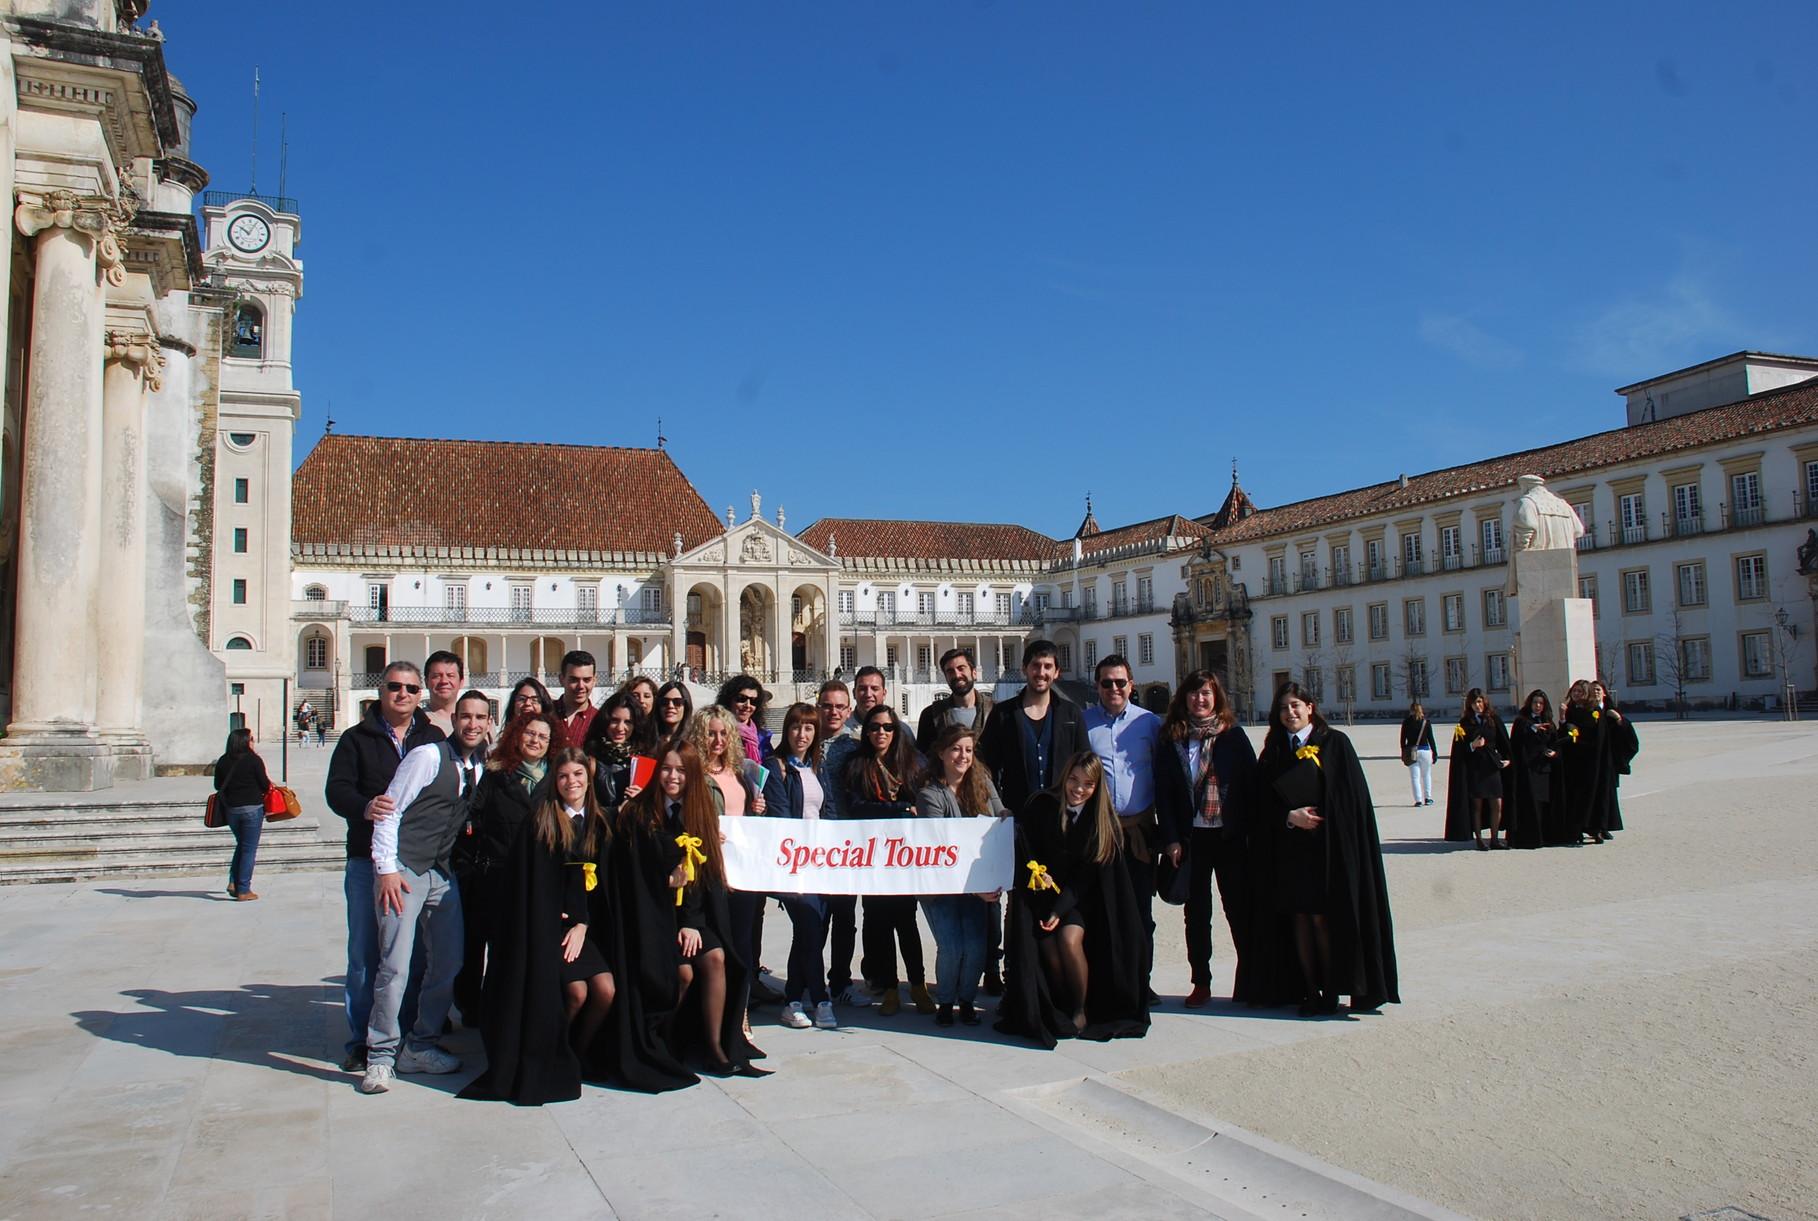 2014. Coimbra